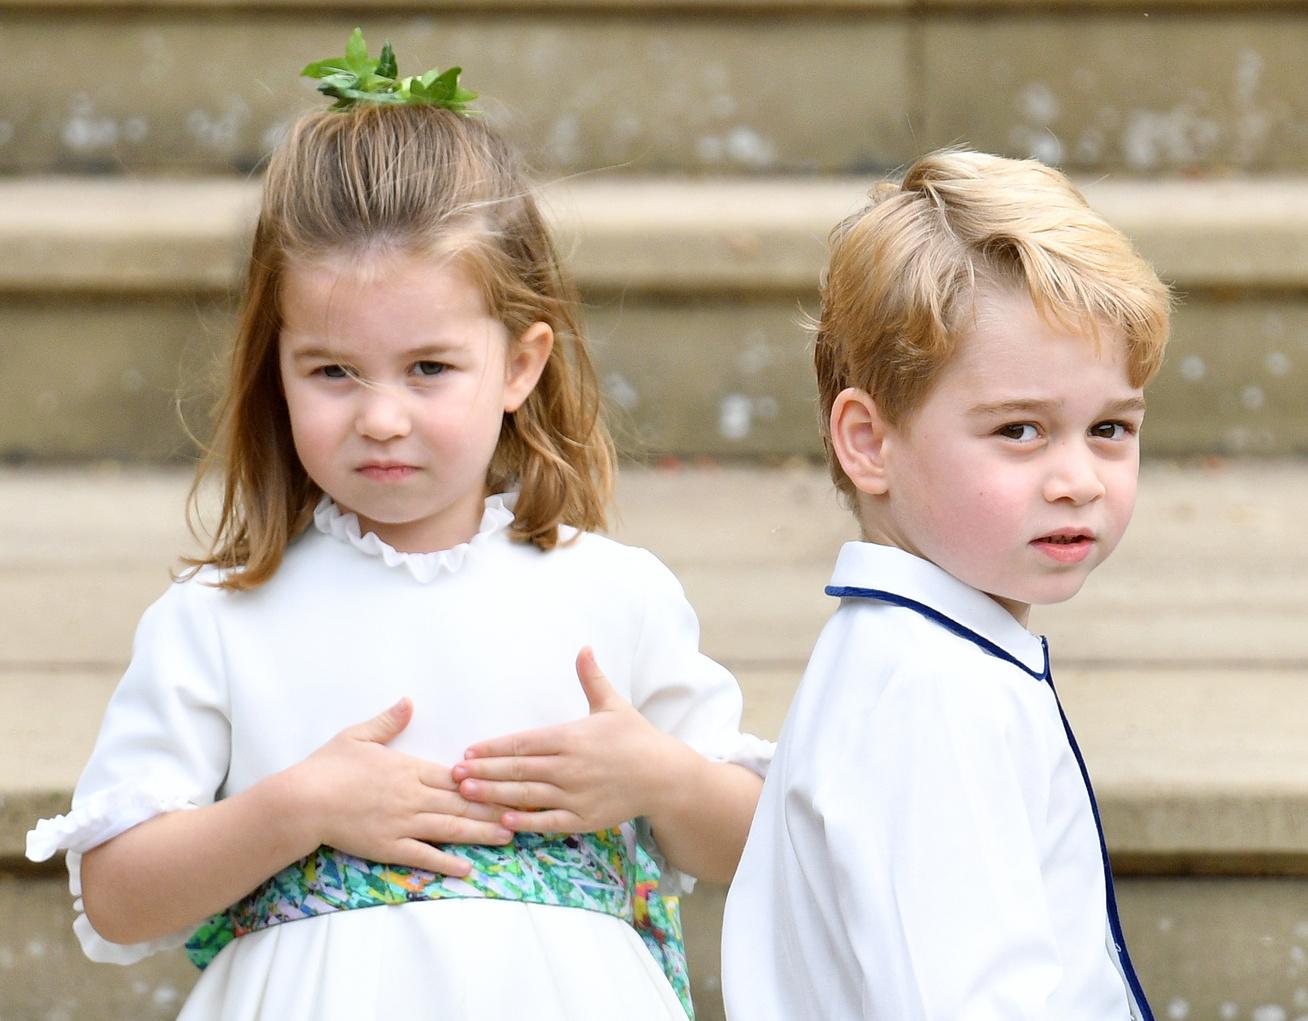 gyorgy-herceg-charlotte-husvet-cover